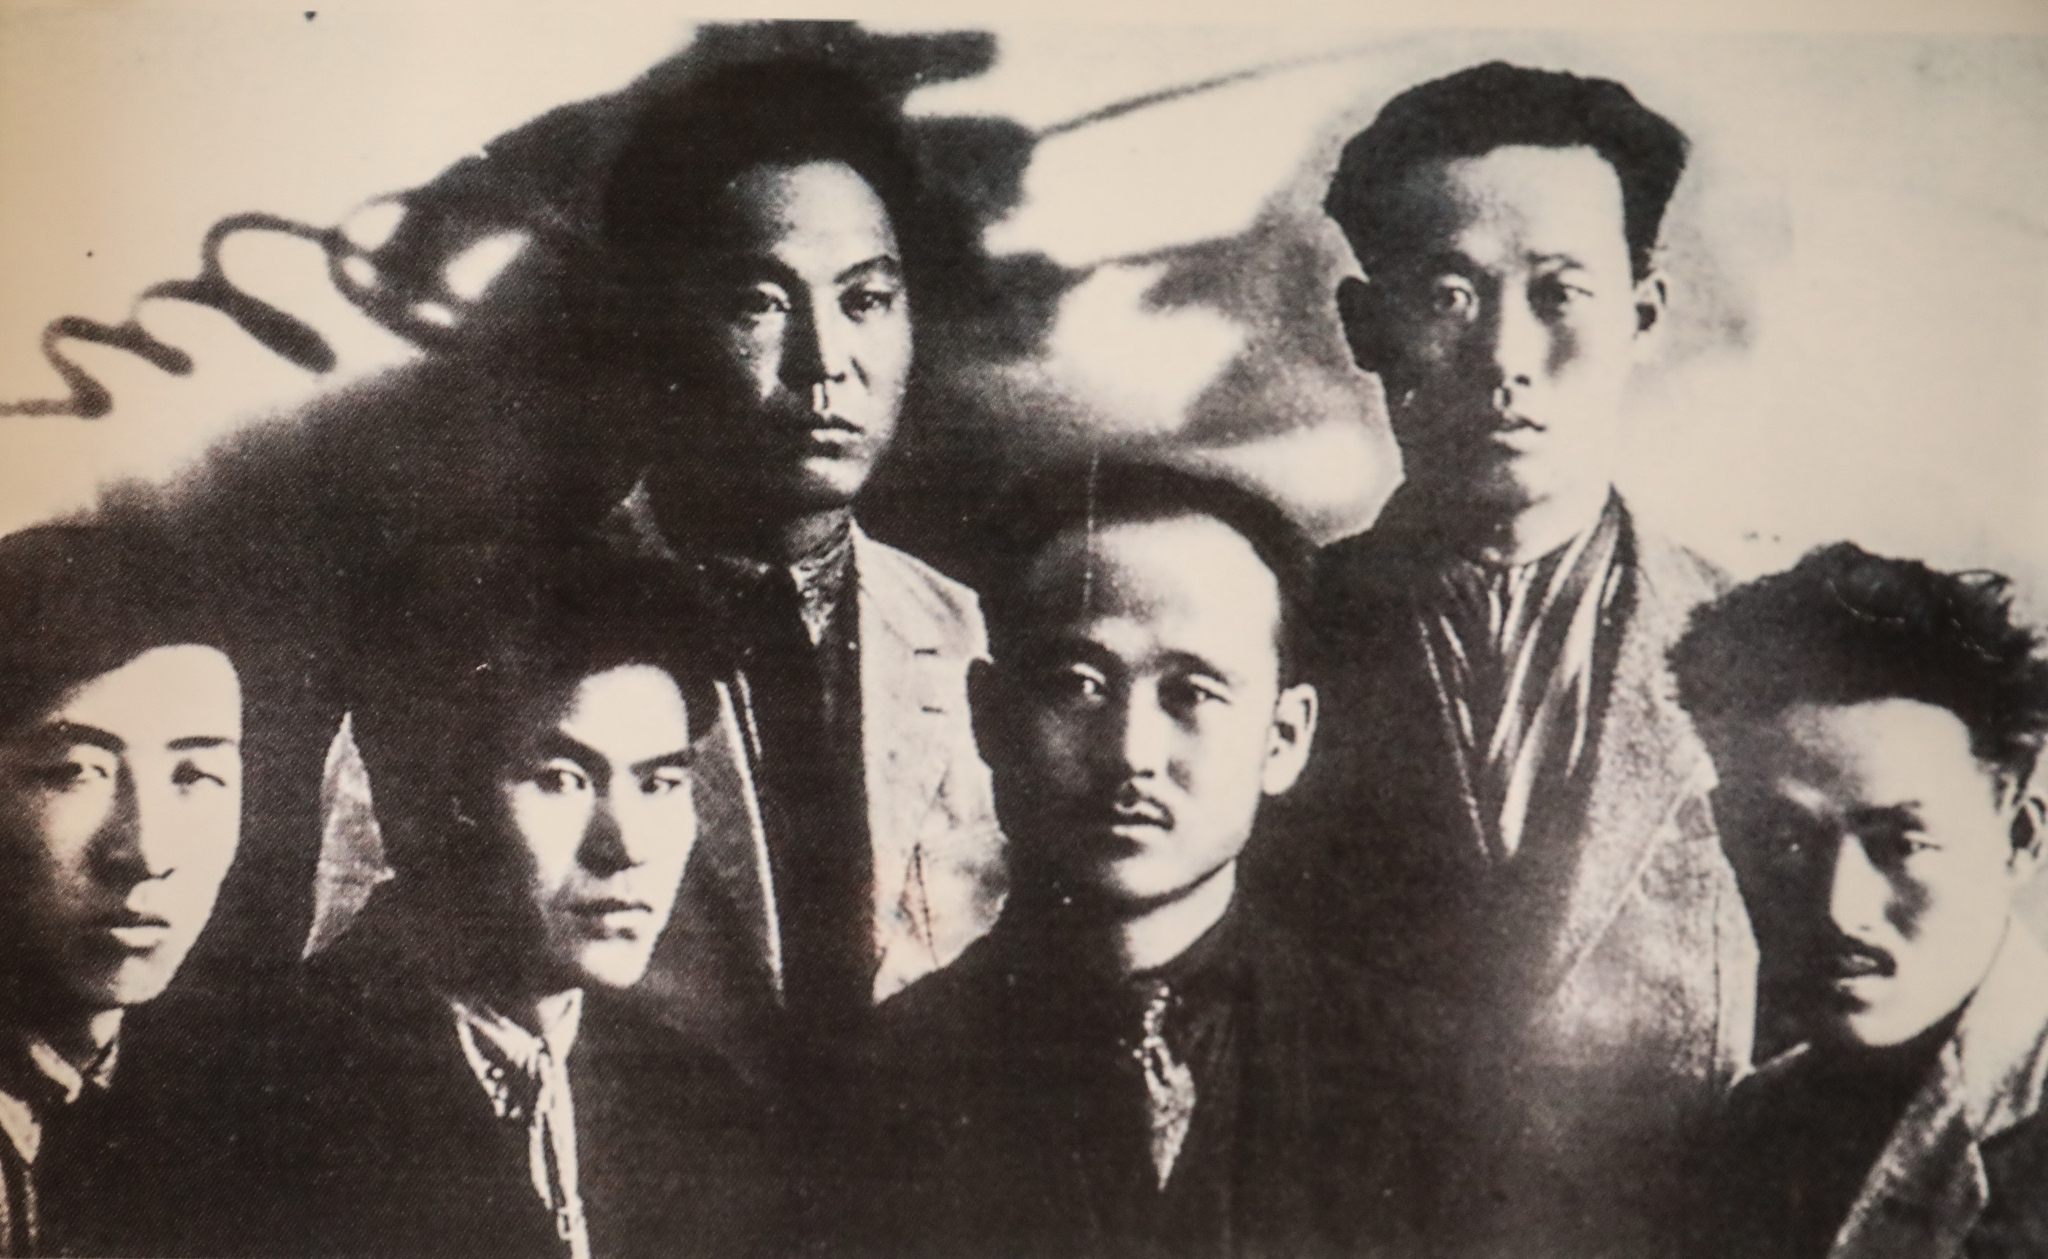 젊은 시절 연해주에서 동료 독립투사들과 기념사진 찍은 황운정 지사(아랫줄 왼쪽 두 번째). [사진 황운정 지사 유족]